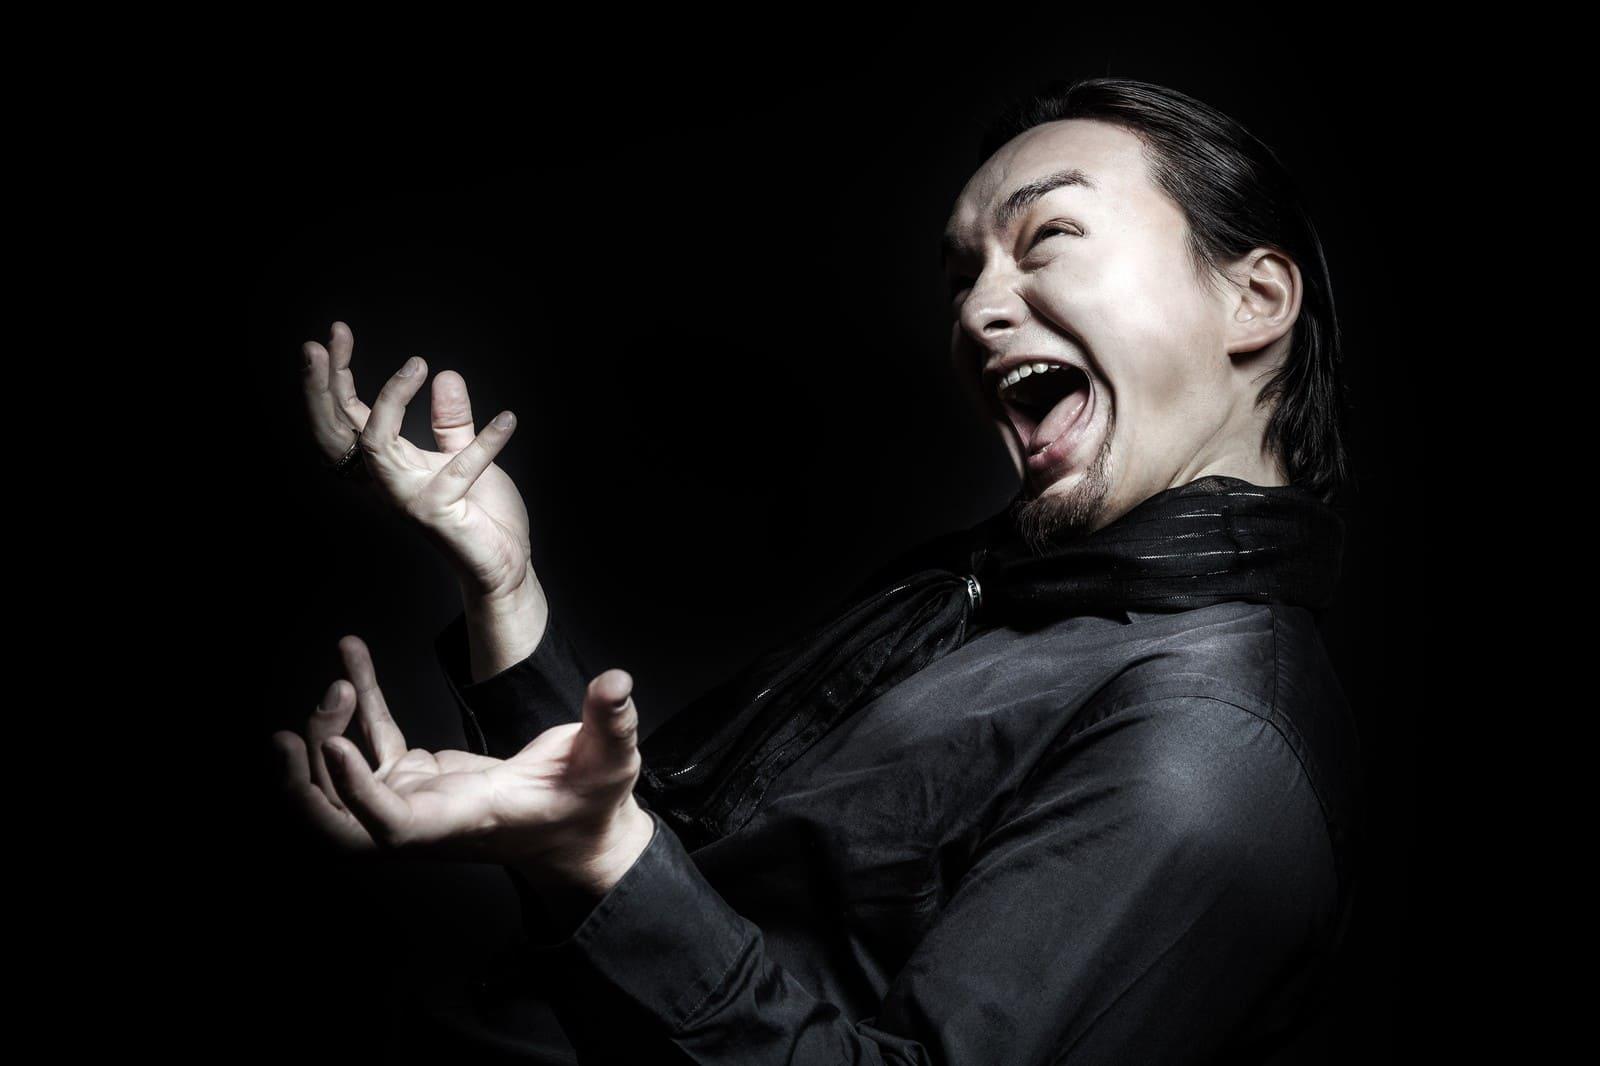 妄想オナニーの素晴らしさに感動する佐藤さん